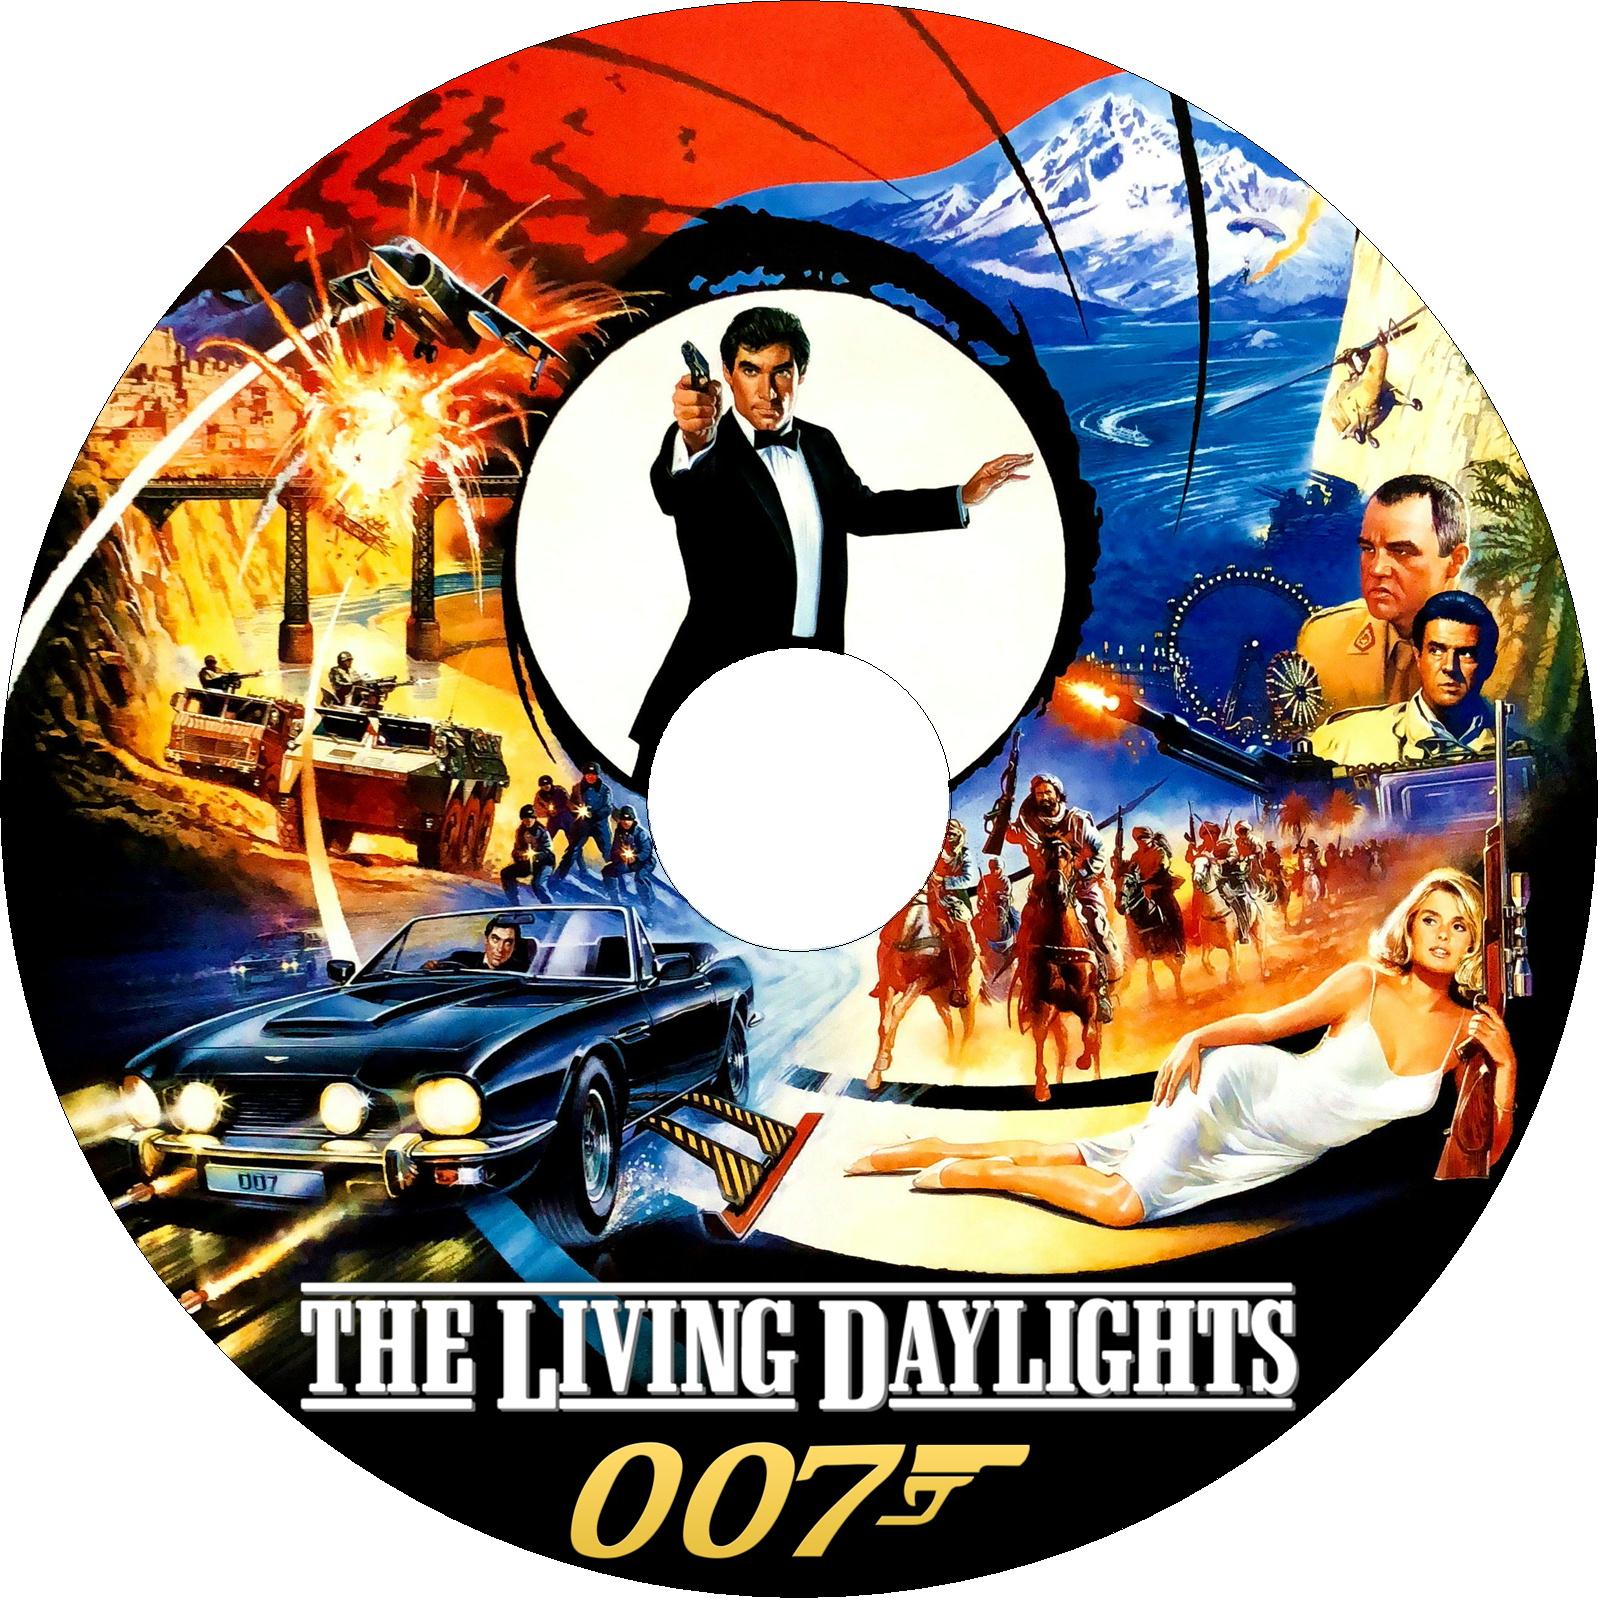 007 リビング・デイライツ ラベル